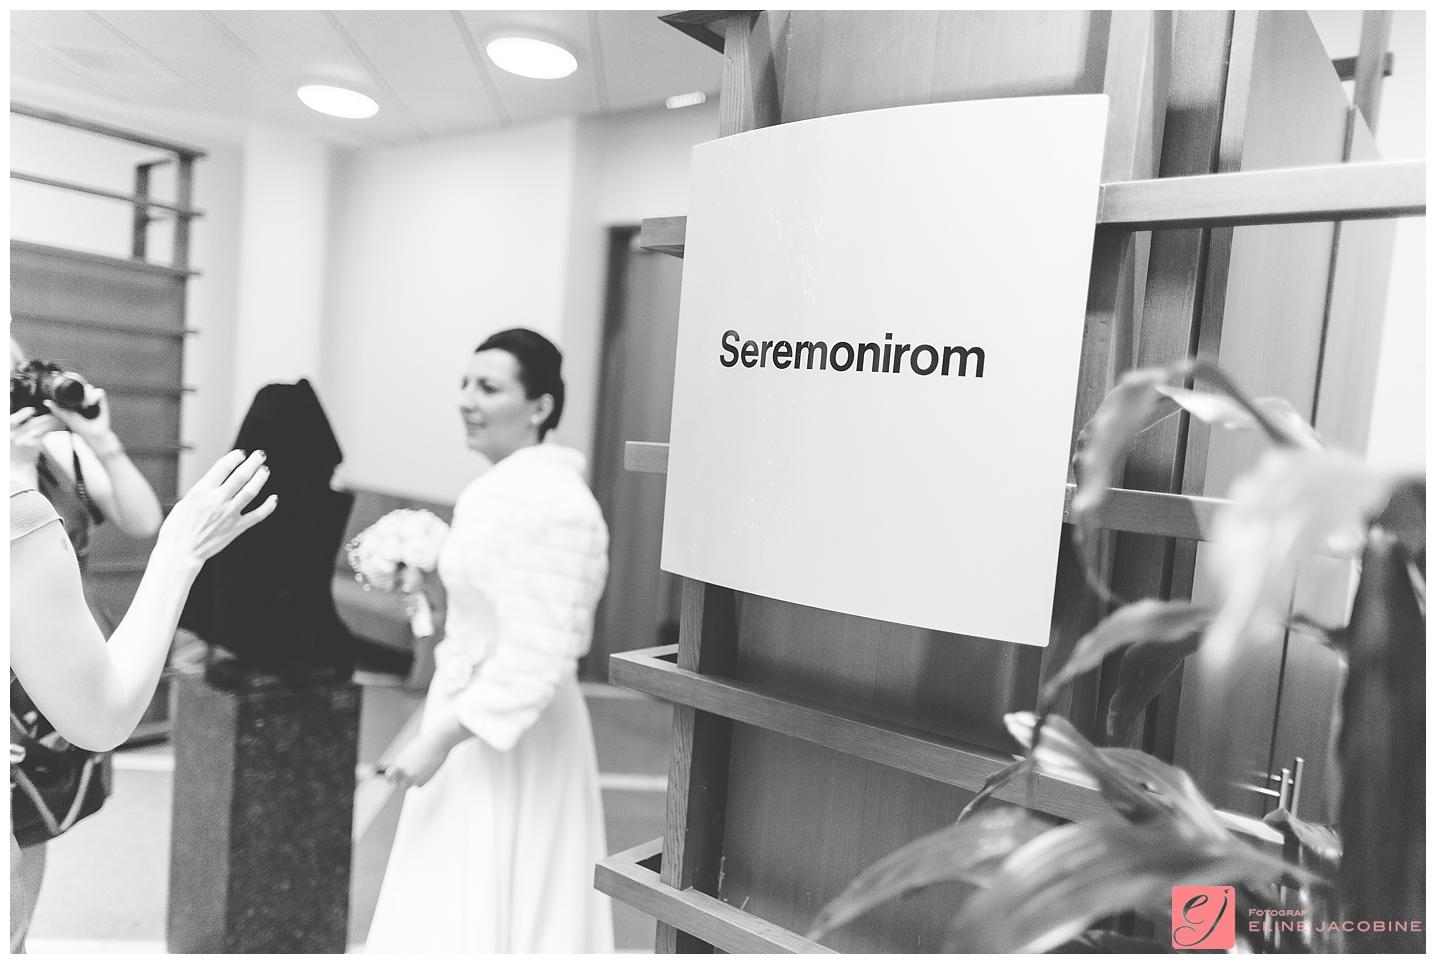 Oslo-Tinghuset-Bryllupsfotografering-Fotograf-Eline-Jacobine-Mirnale-og-Alen_0002